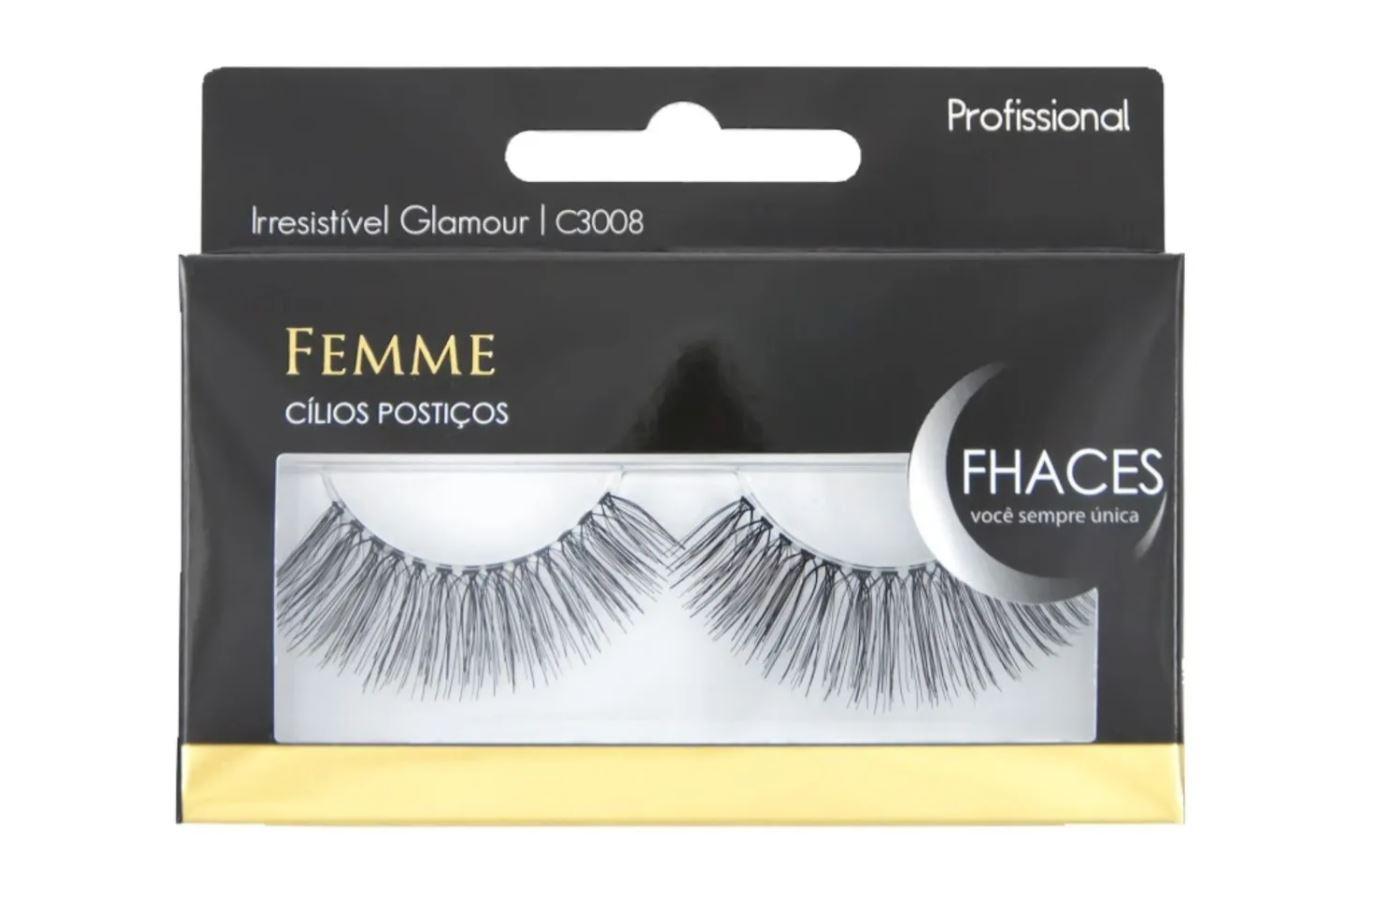 Cílios Postiços - Femme Irresistível Glamour C3008 - Fhaces